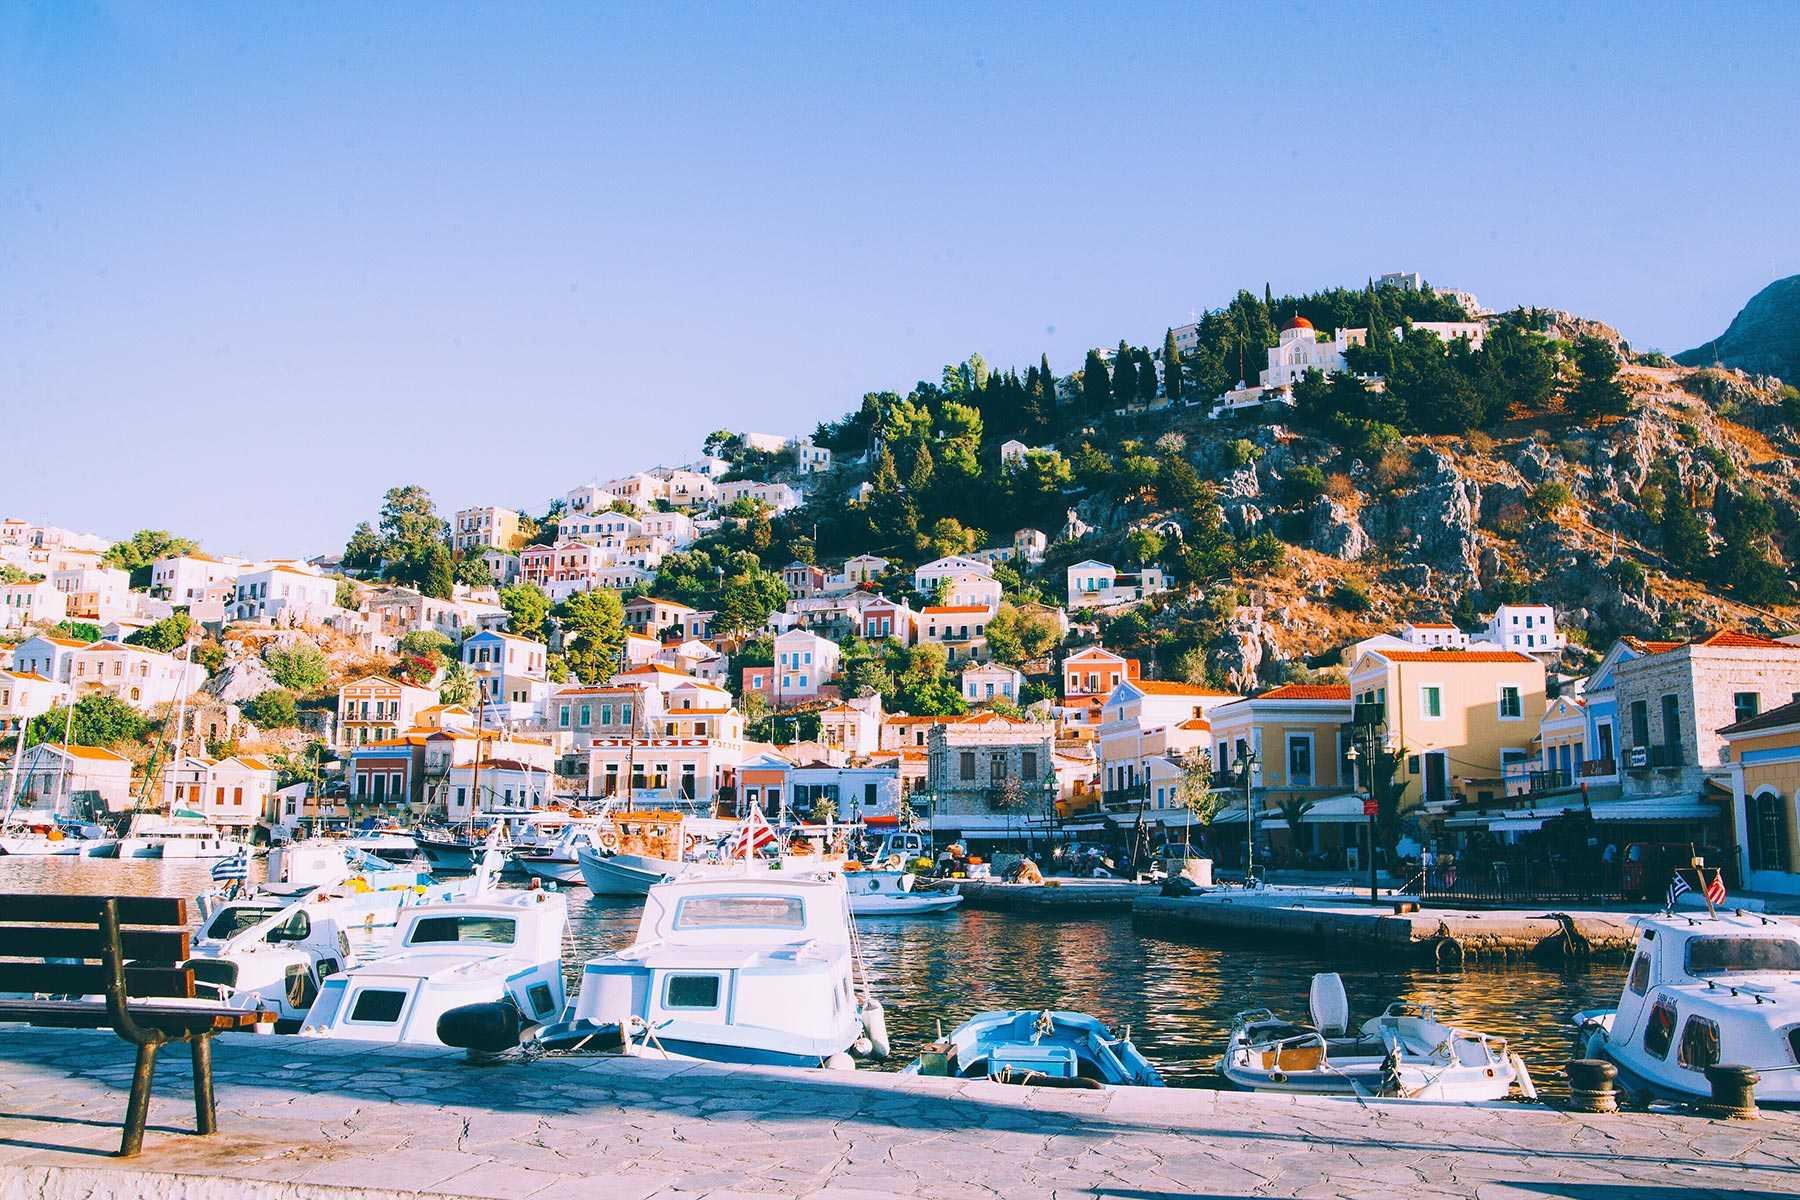 resort-town-in-greece-XKRVPA6.jpg